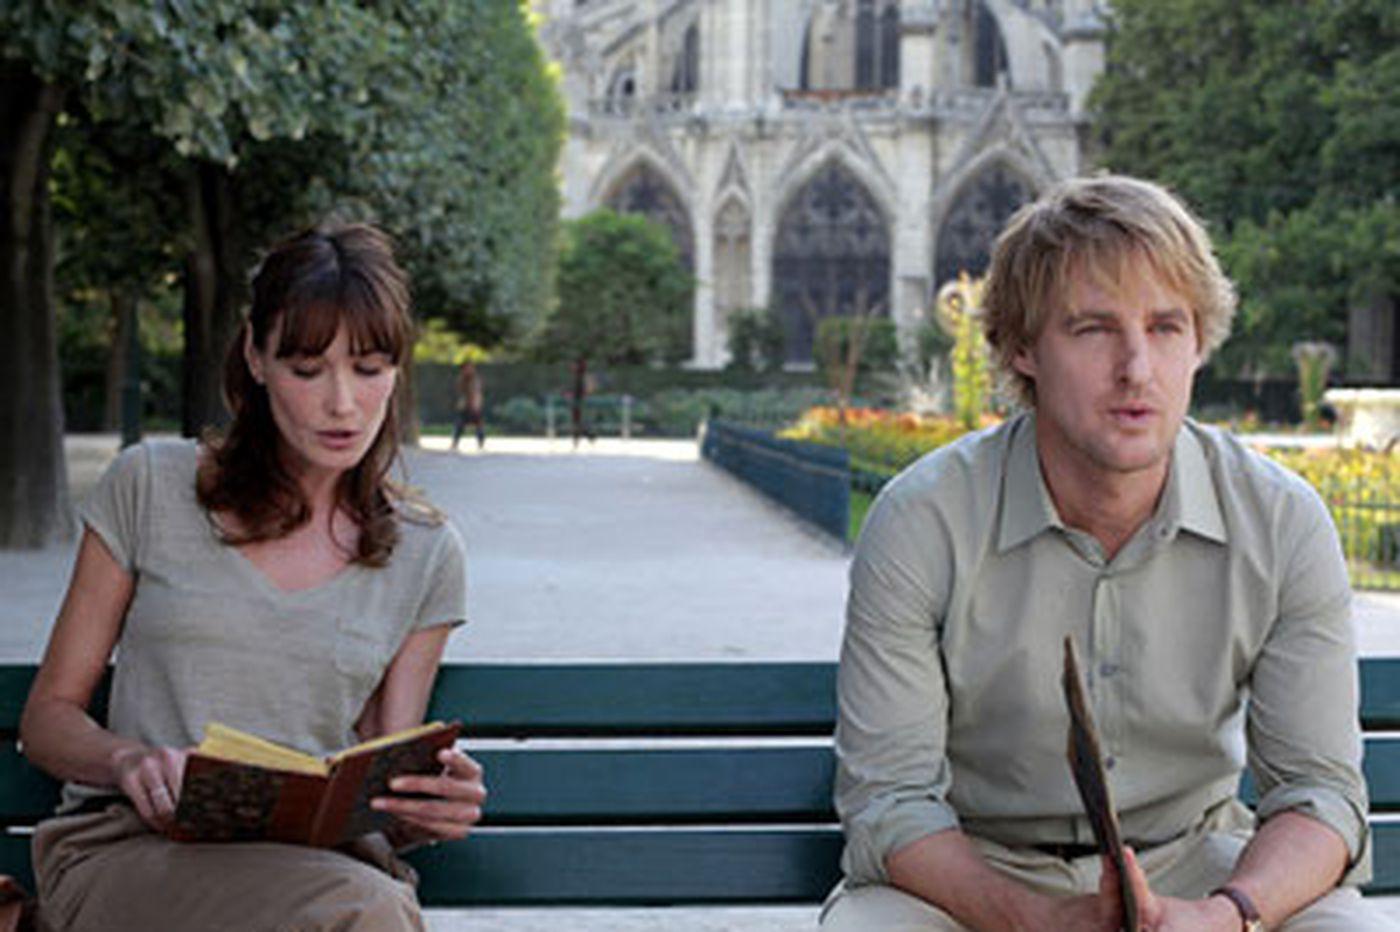 Woody Allen's 'Midnight in Paris' a dreamy souffle